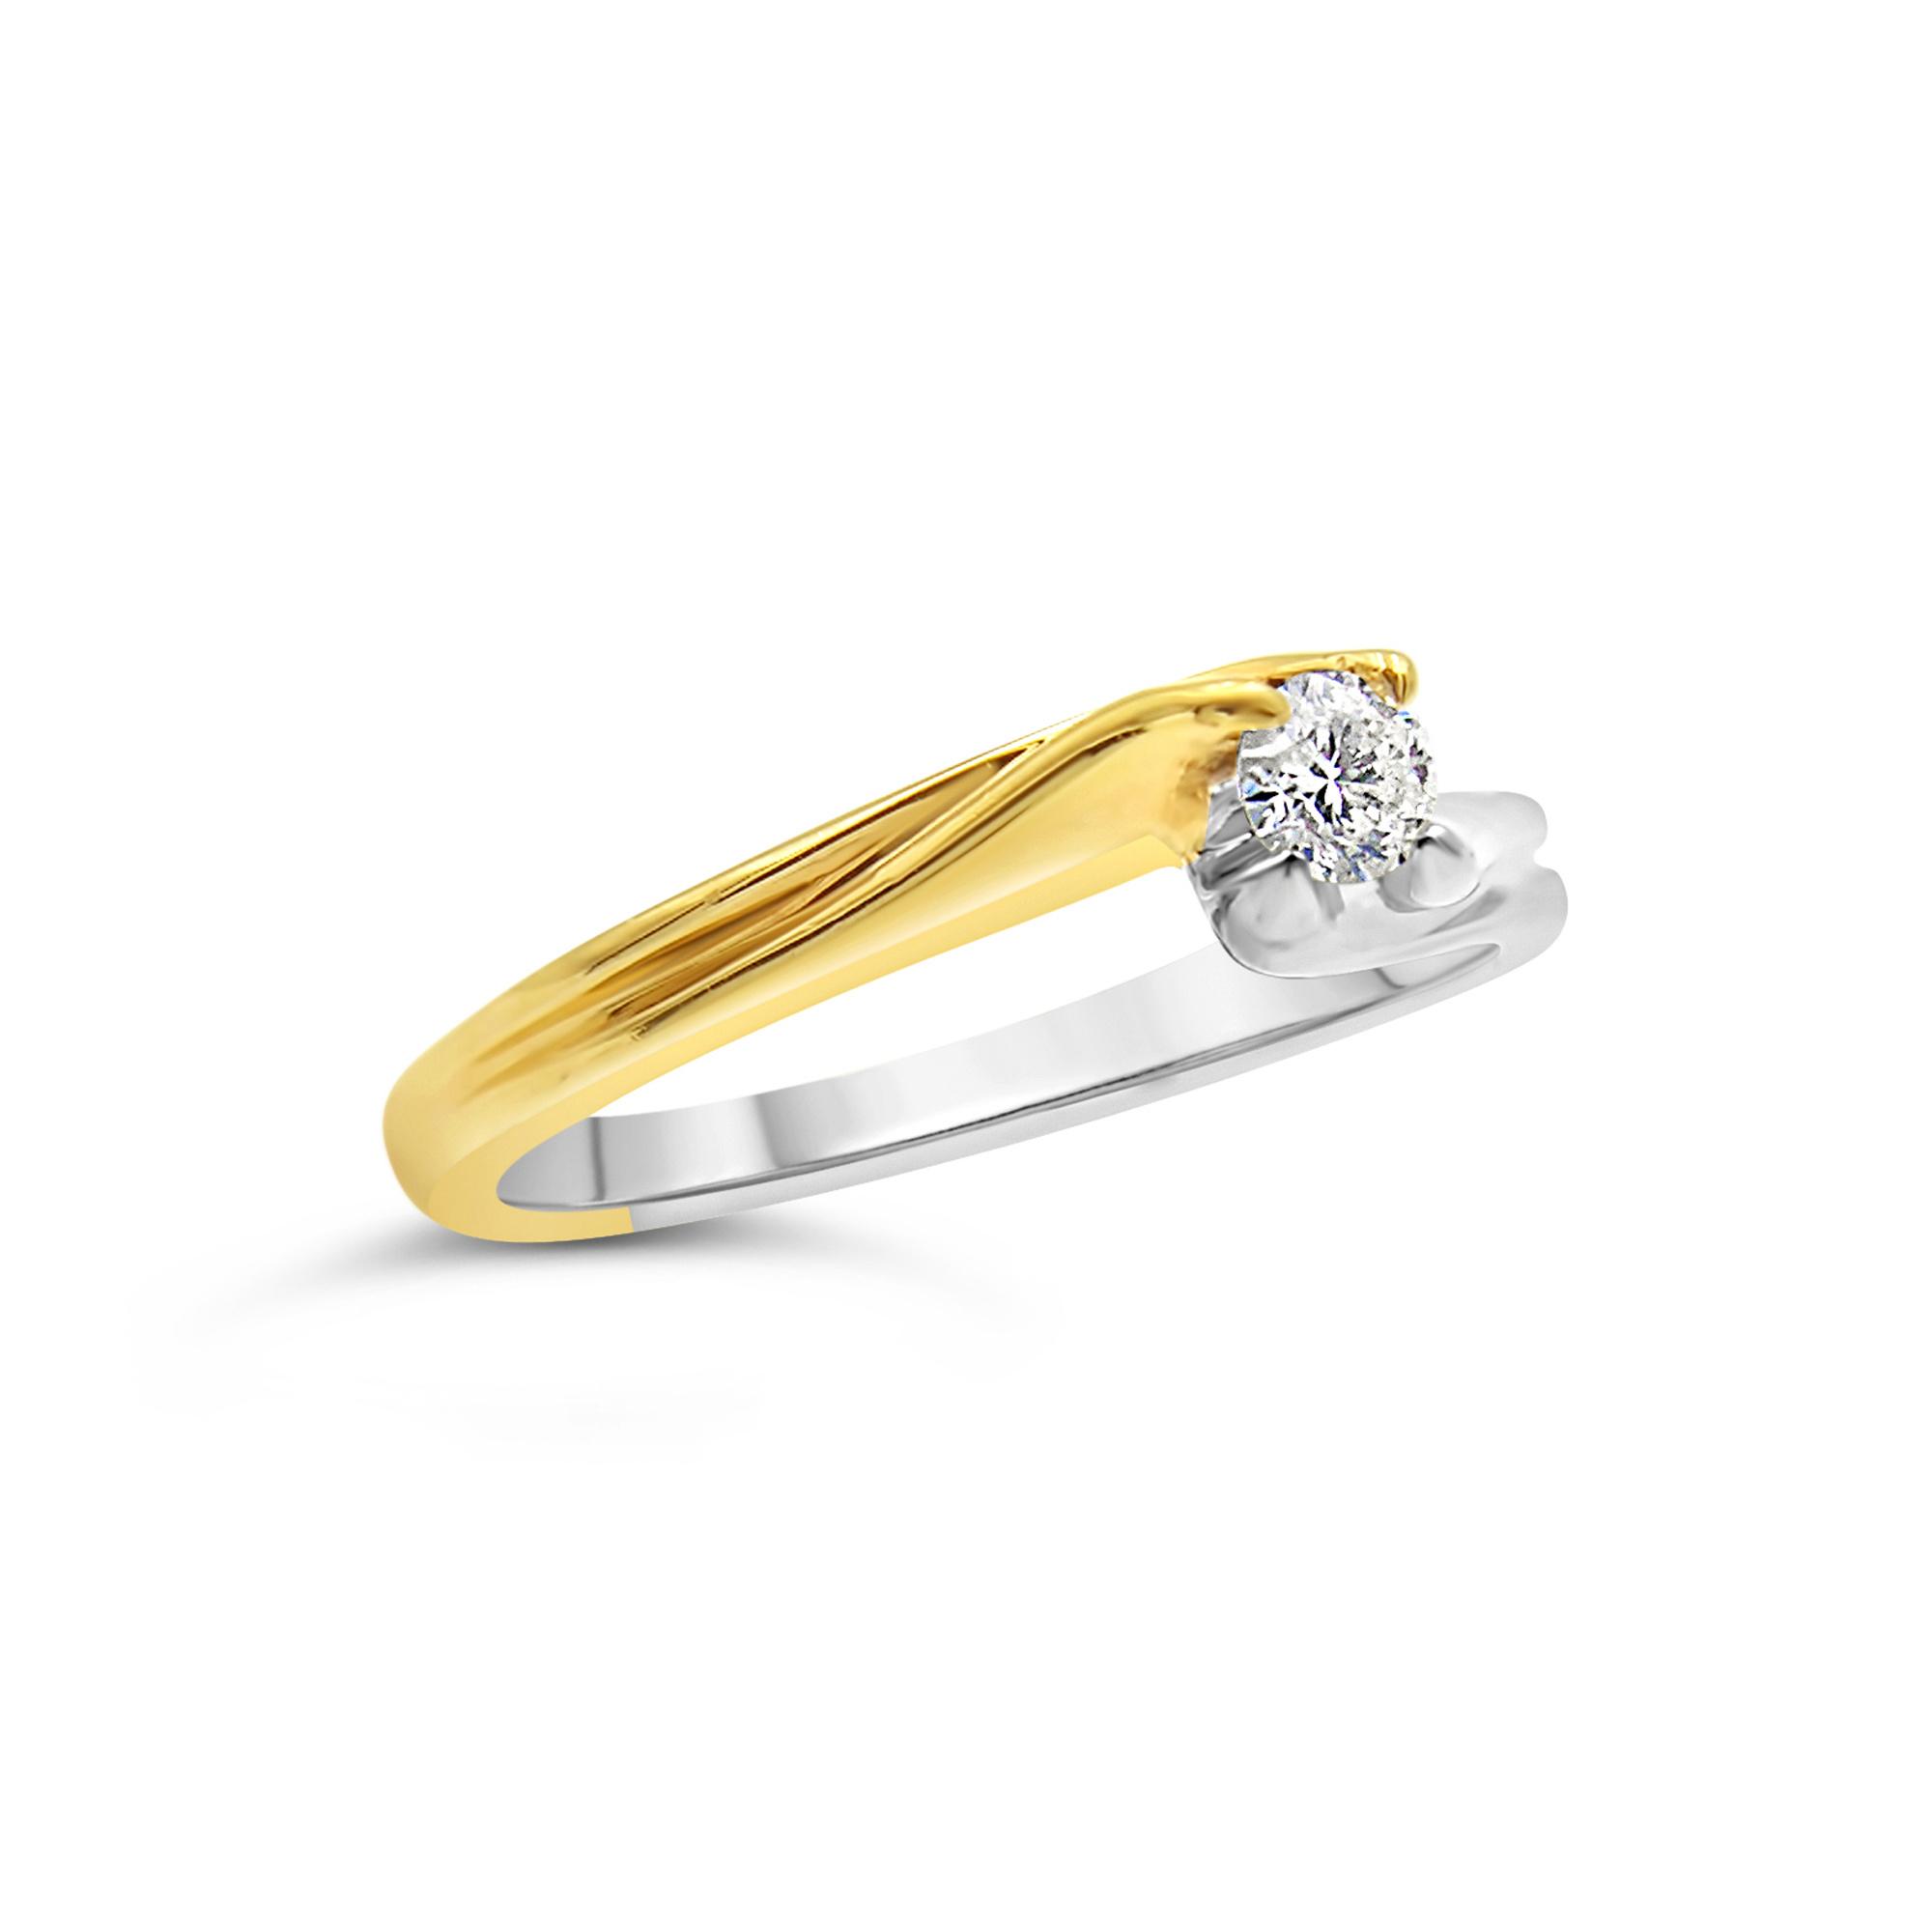 18kt geel en wit goud verlovingsring met 0.13 ct diamant